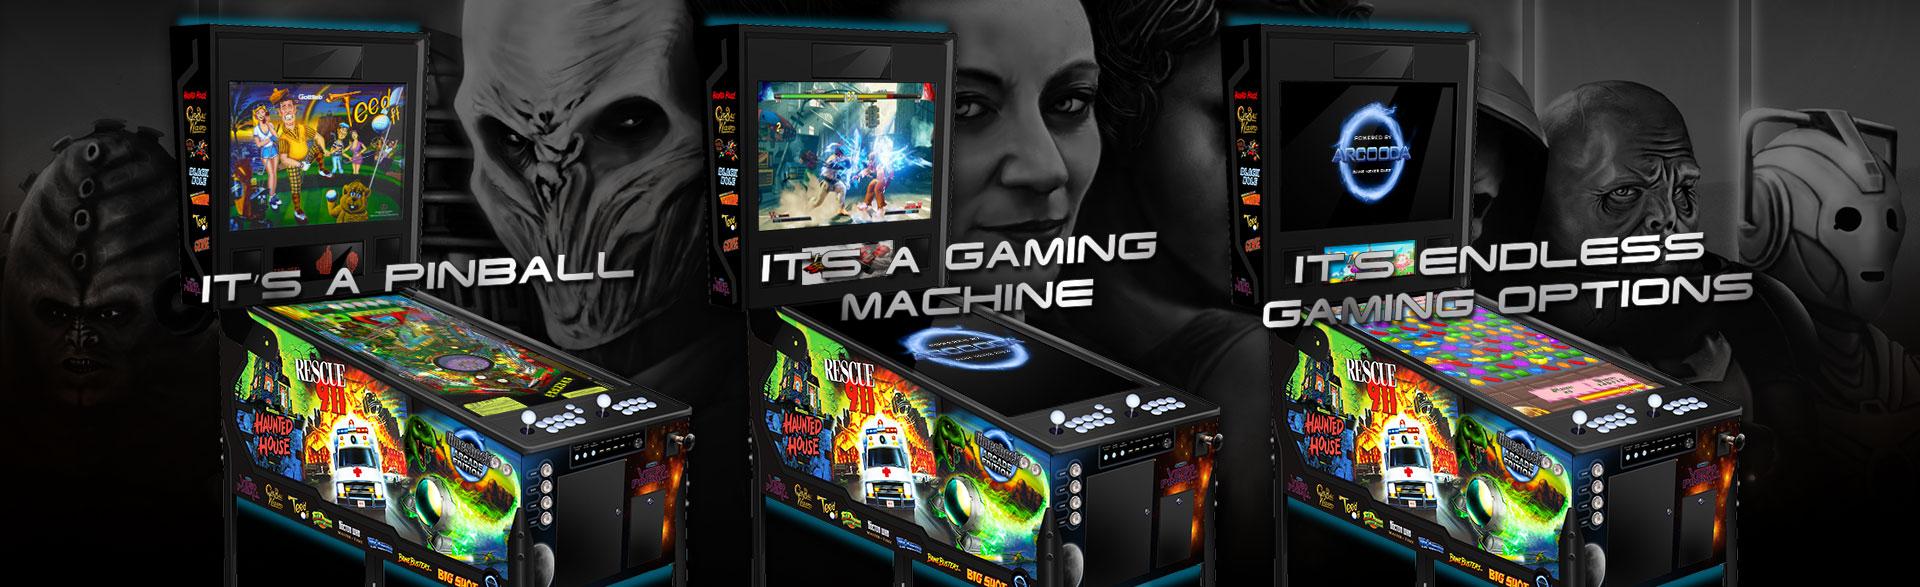 Arcooda Arcade Machine Manufacturer